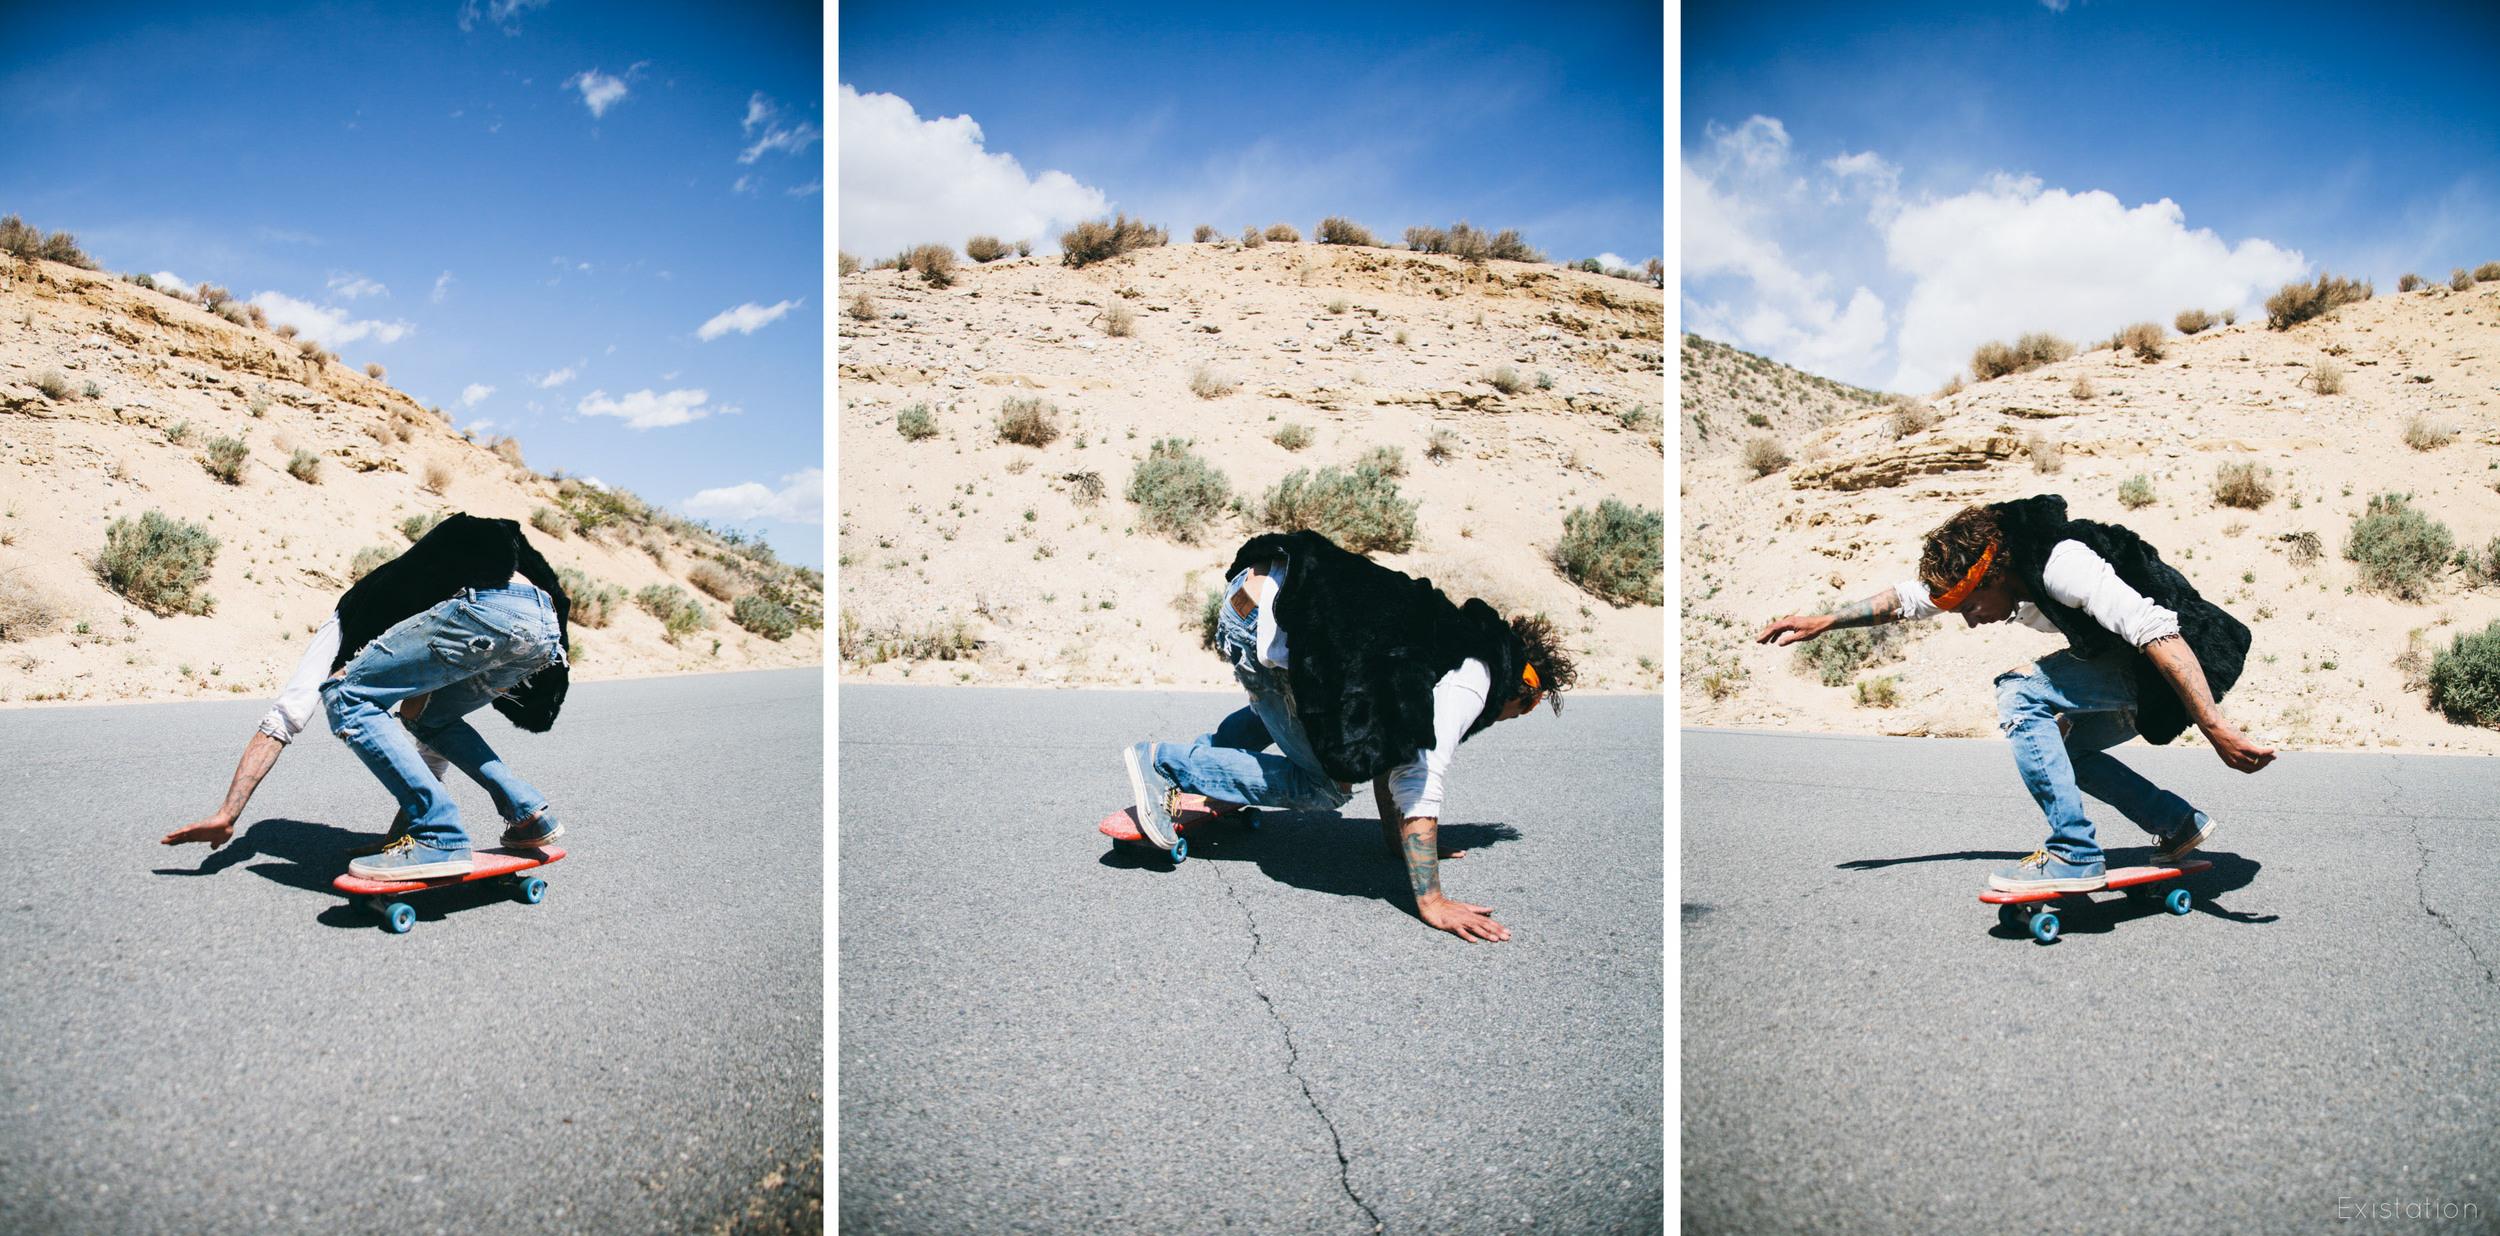 dl skateboards 9-2.jpg